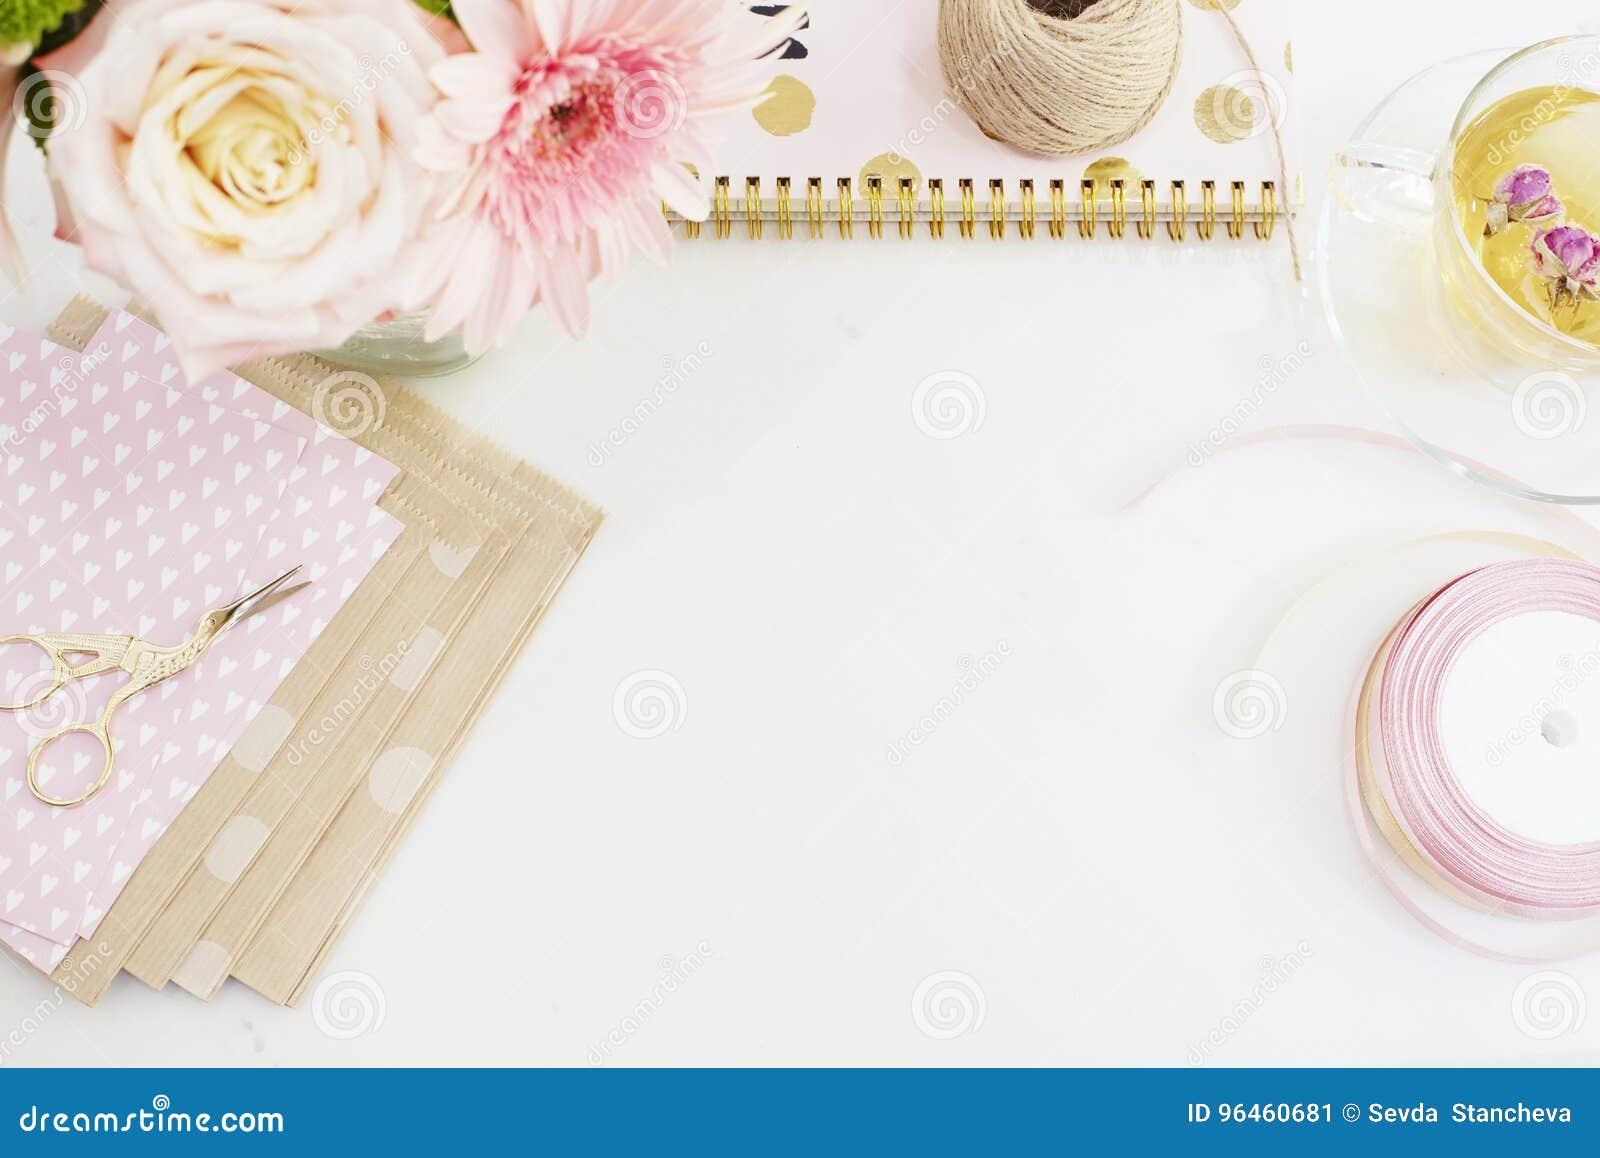 Χειροποίητη, έννοια τεχνών Χειροποίητα αγαθά για τη συσκευασία - σπάγγος, κορδέλλες Θηλυκή έννοια εργασιακών χώρων Ανεξάρτητη θηλ